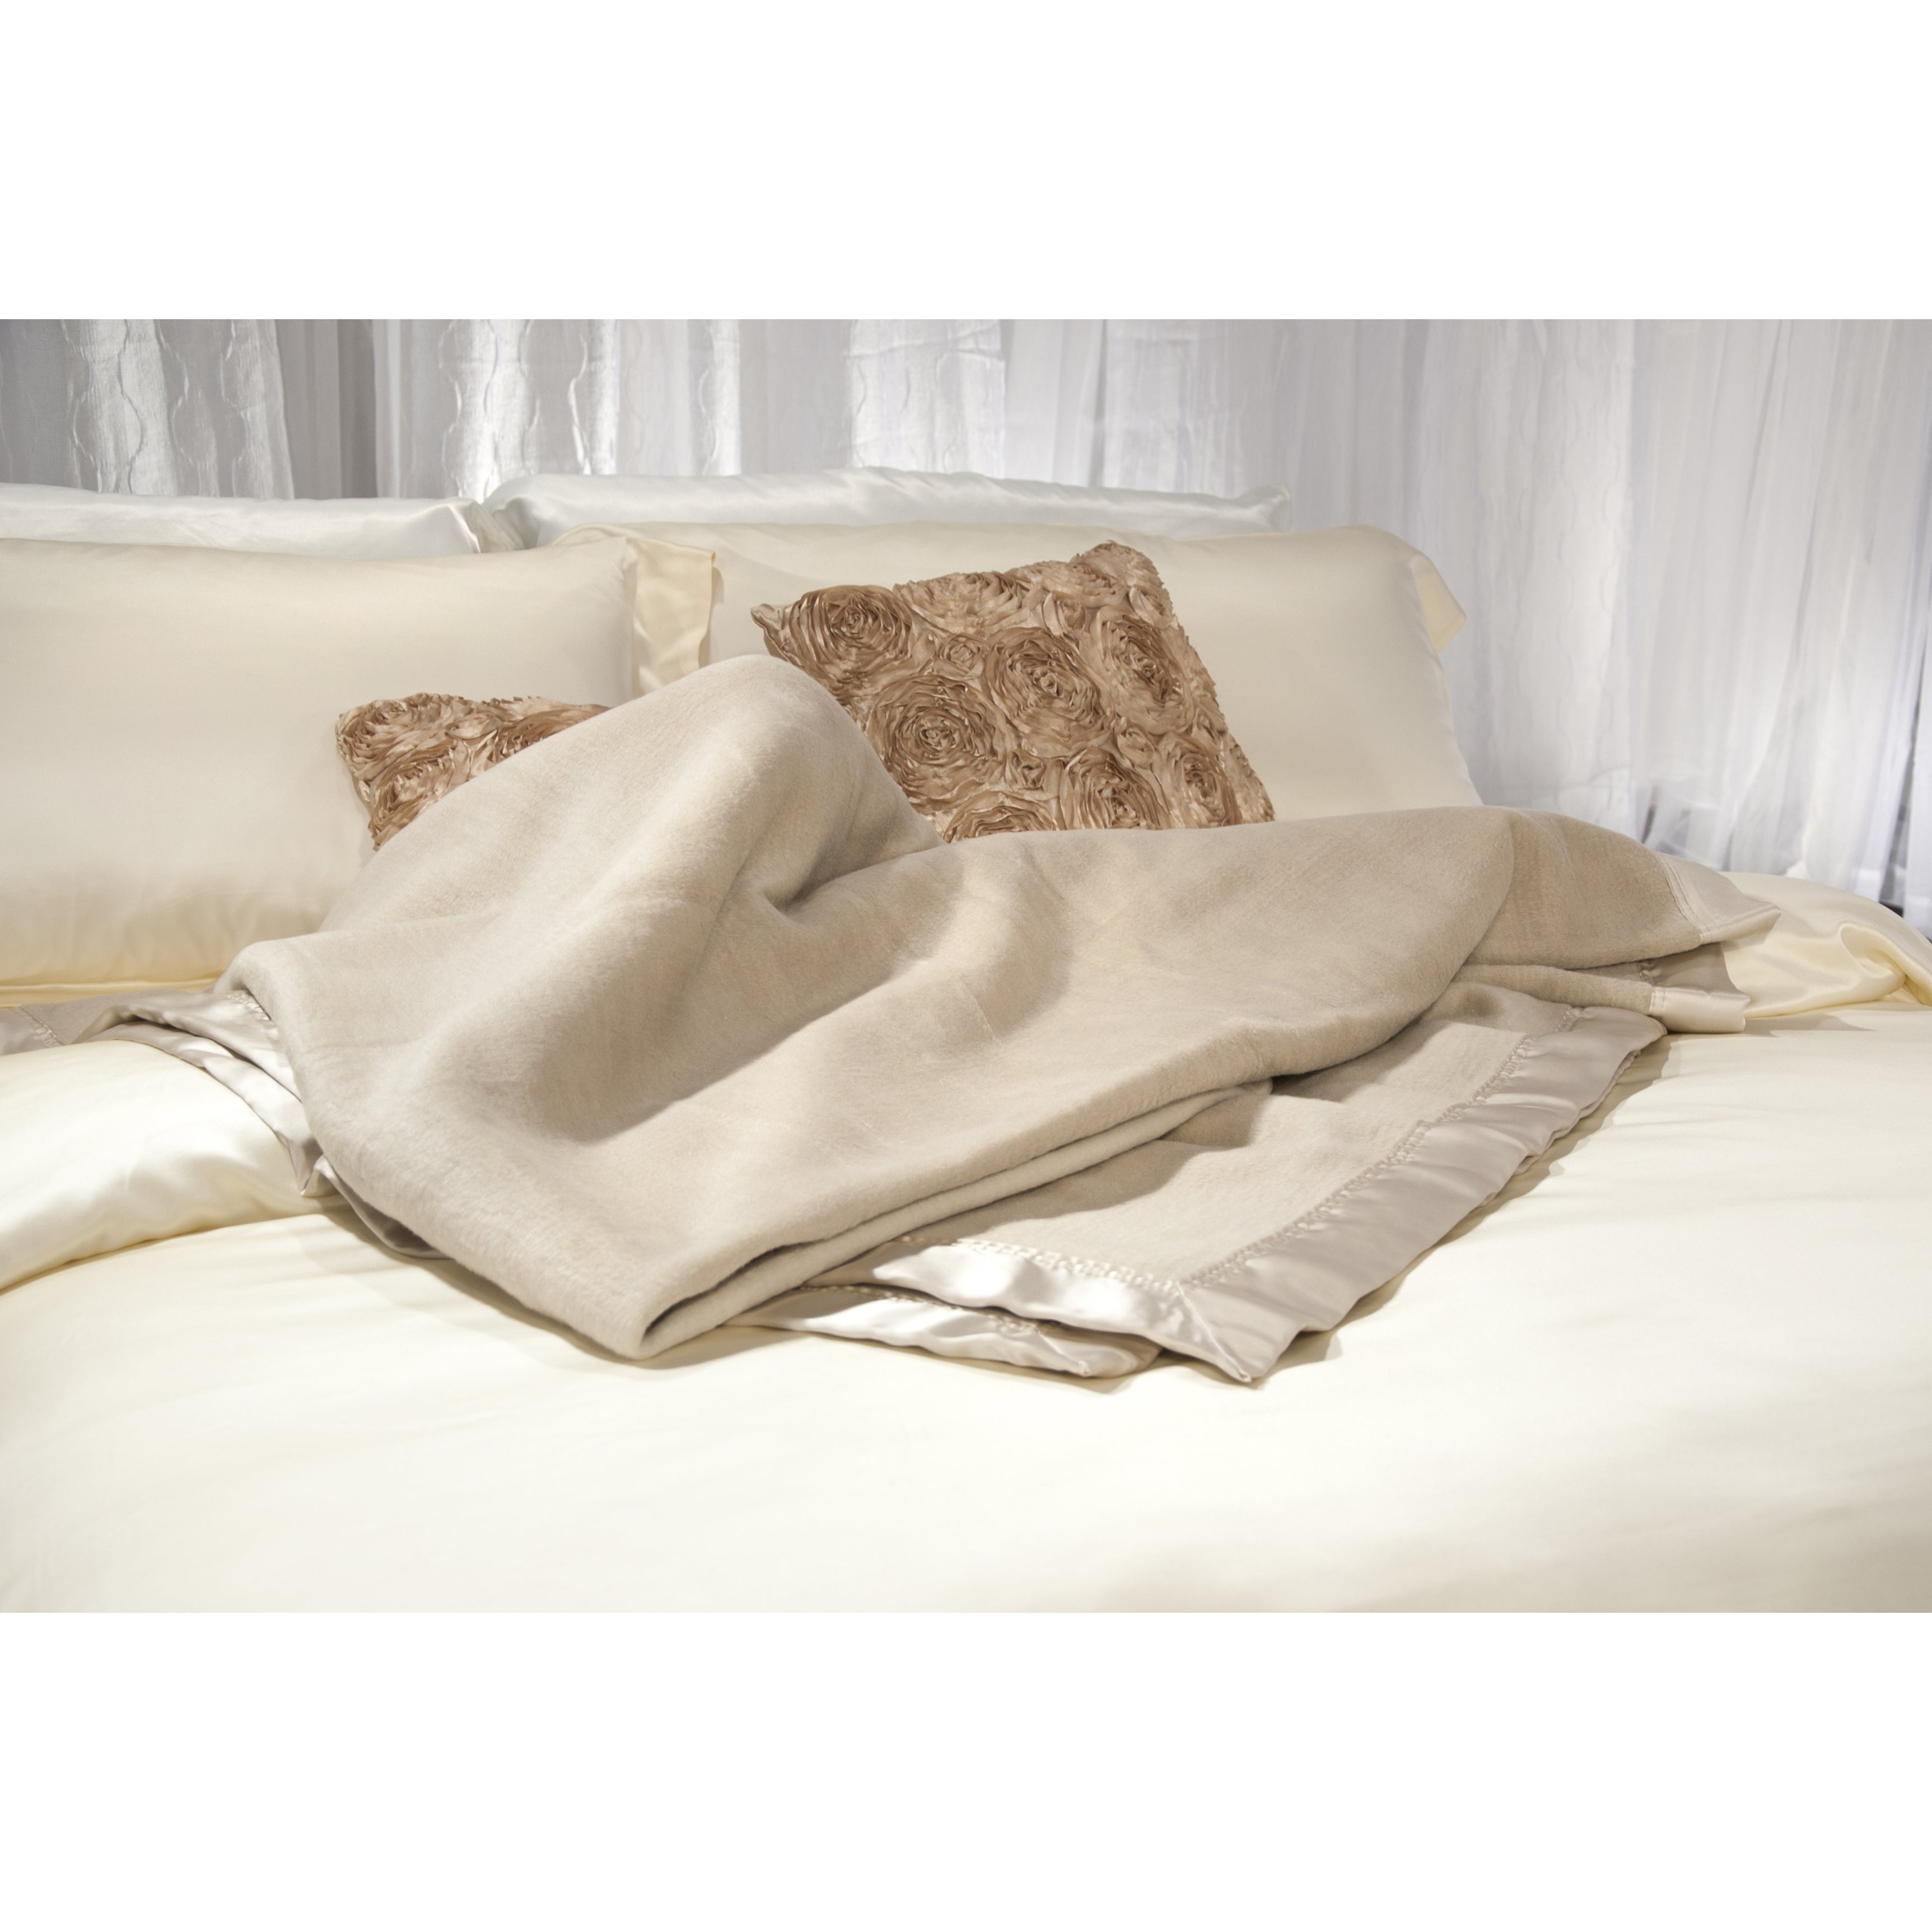 bath reviews comforter west bed wayfair silk lightweight mulberry pdx